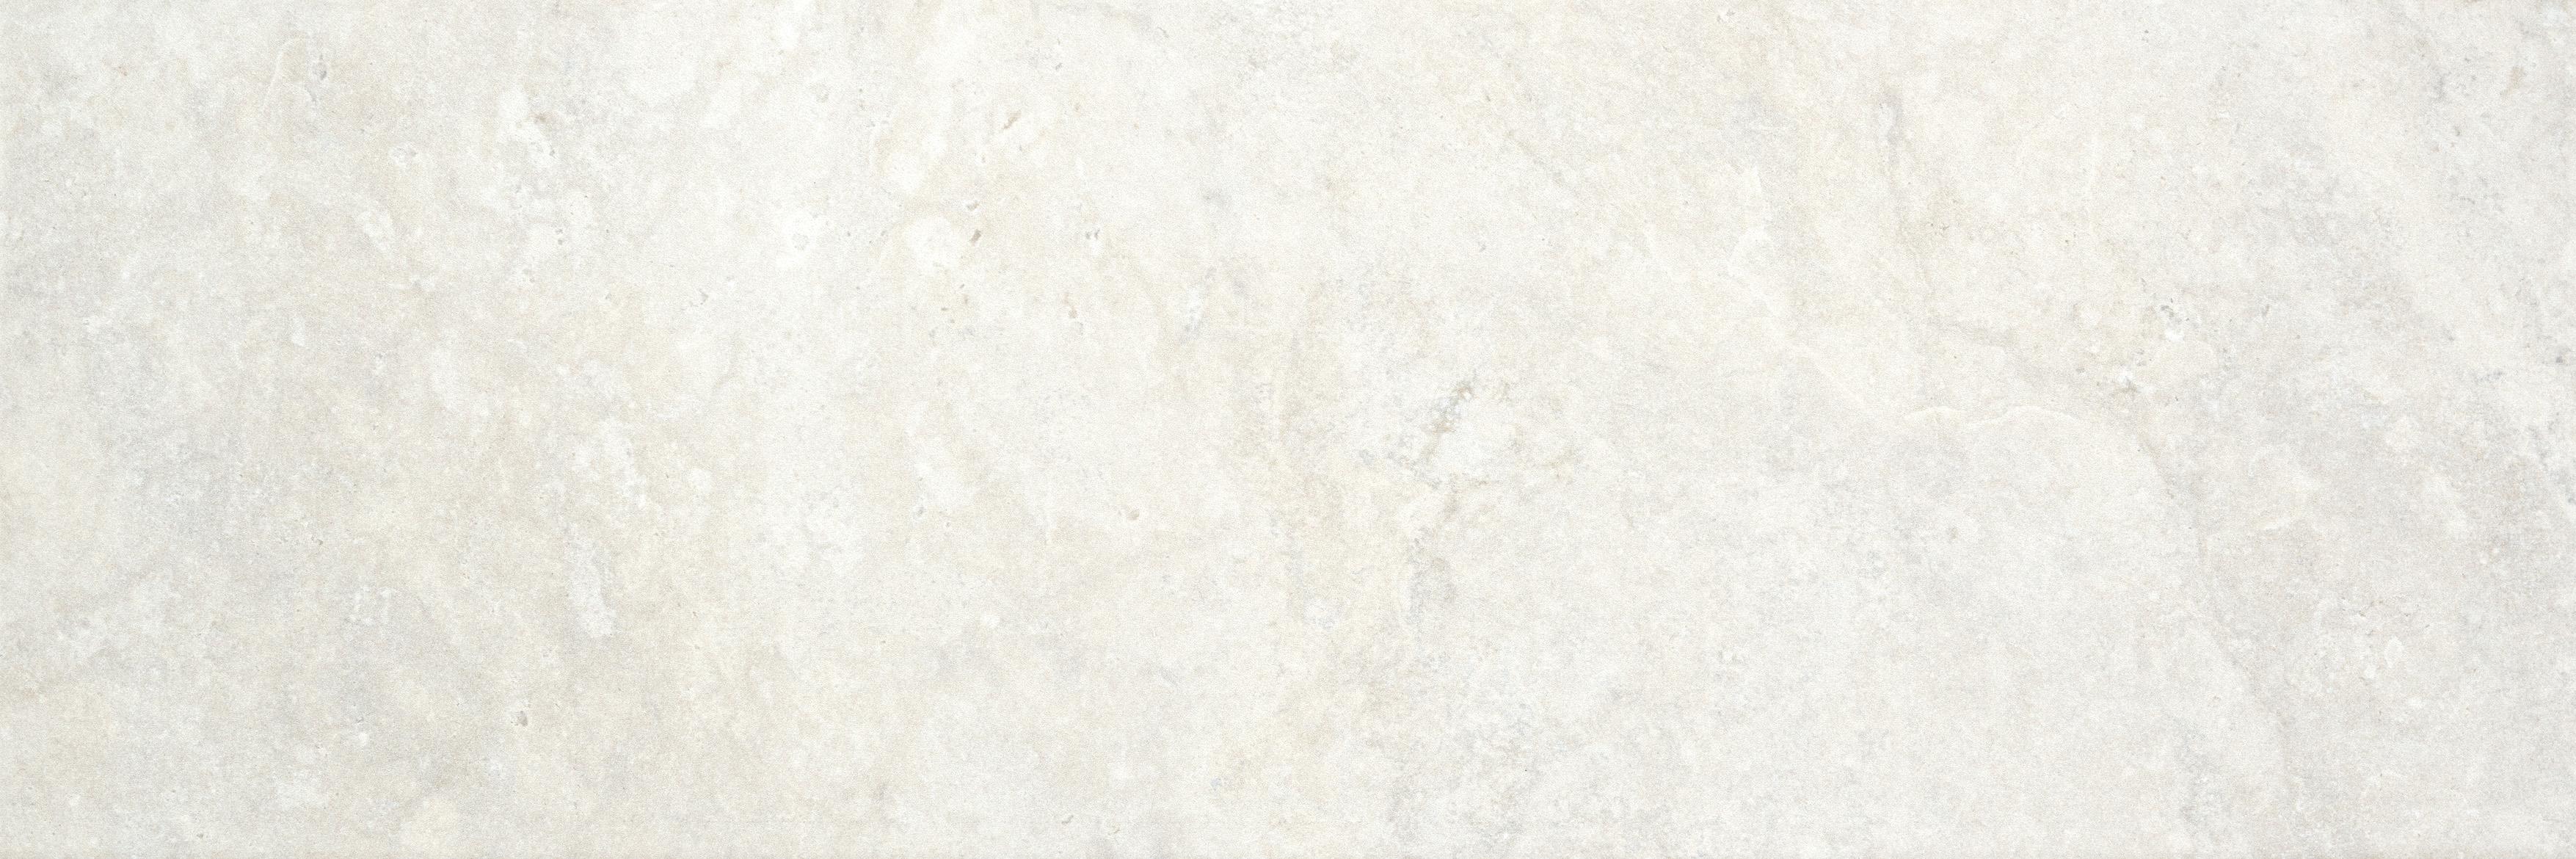 JÄÄK Bowland white mate 20x60 - Hansas Plaadimaailm